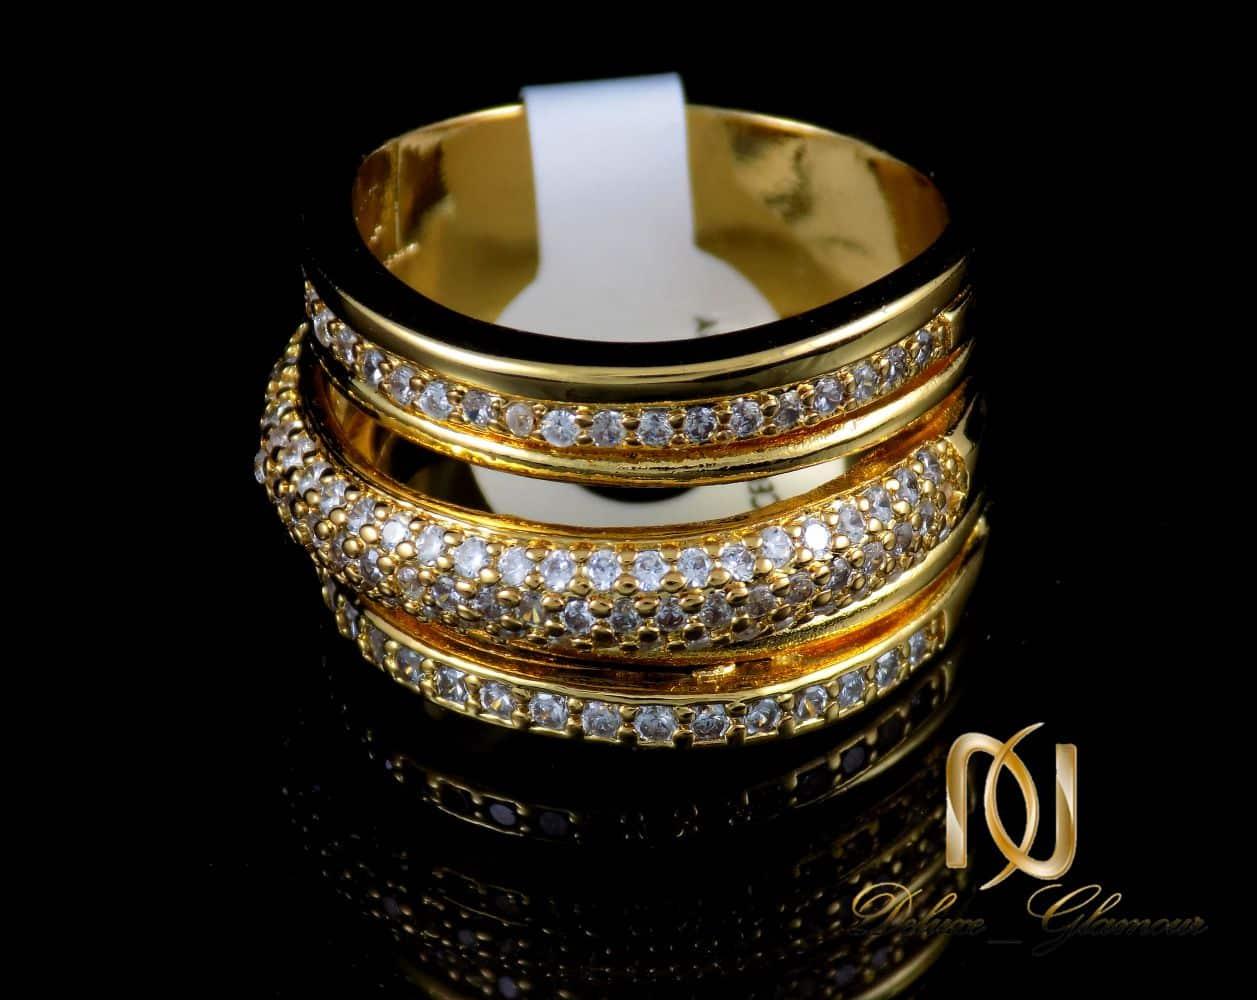 انگشتر زنانه استیل سه رج با روکش آب طلای 18 عیار RG-N173 از نمای پایین